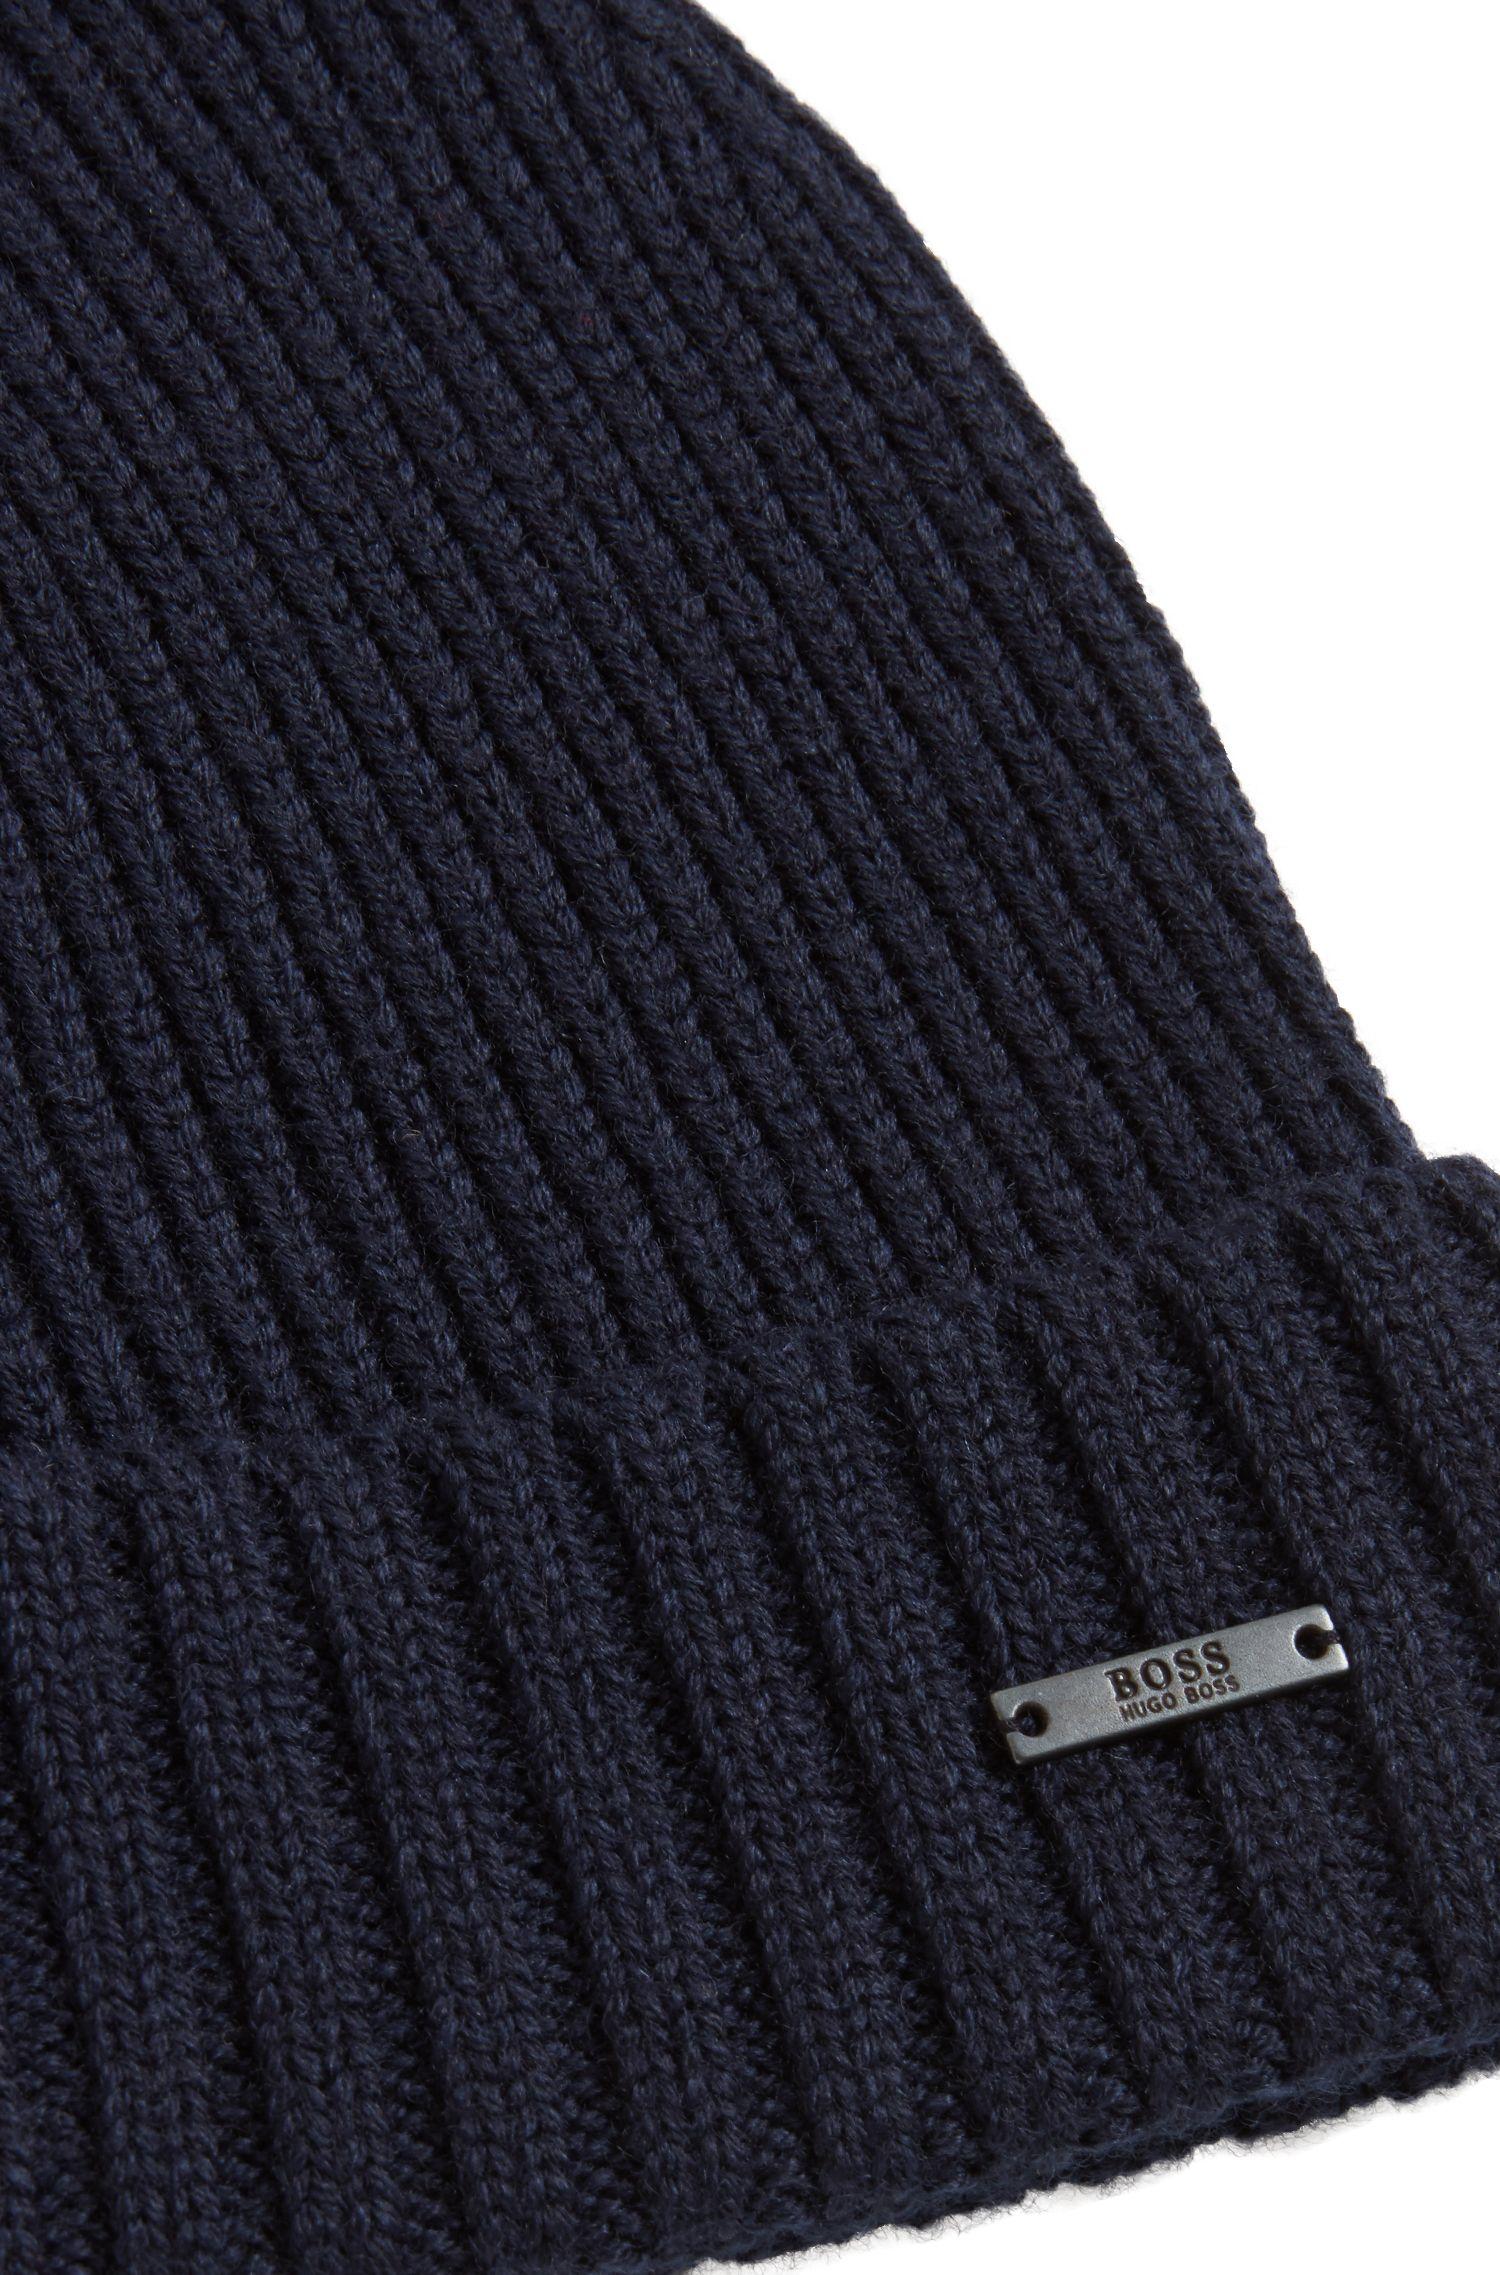 Zuccotto lavorato a maglia in lana vergine con etichetta in metallo